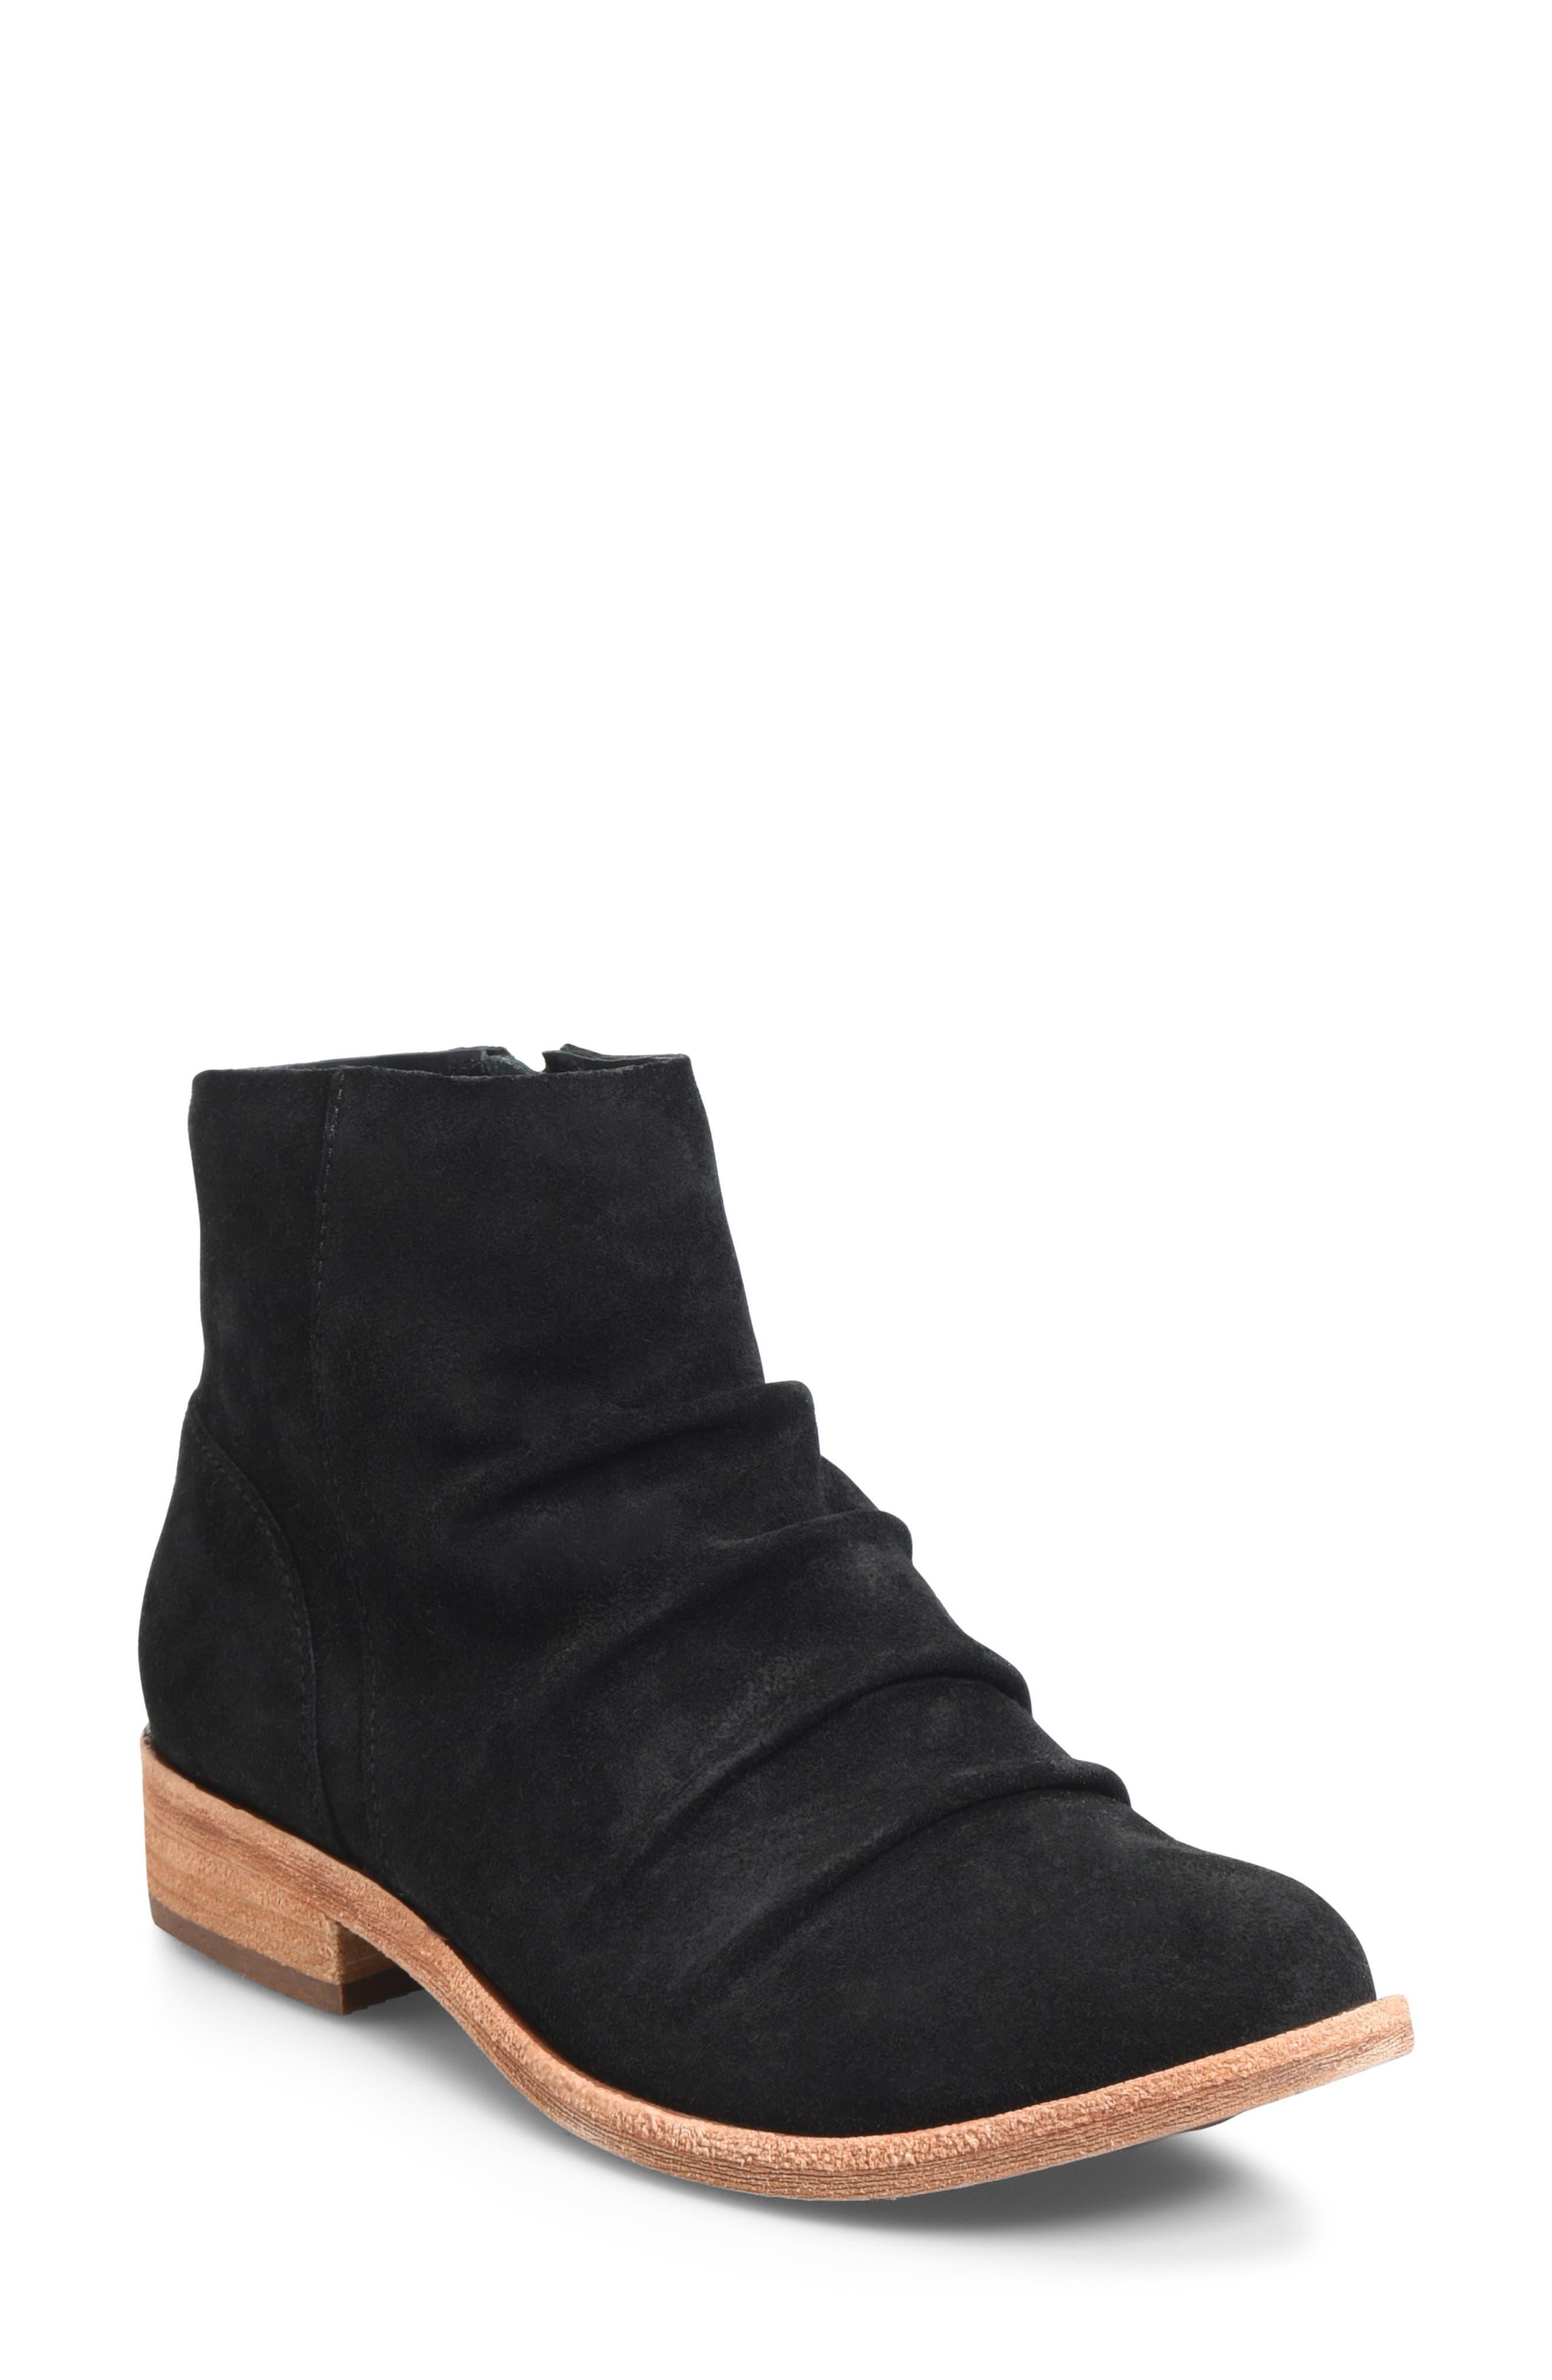 Kork-Ease Giba Boot, Black